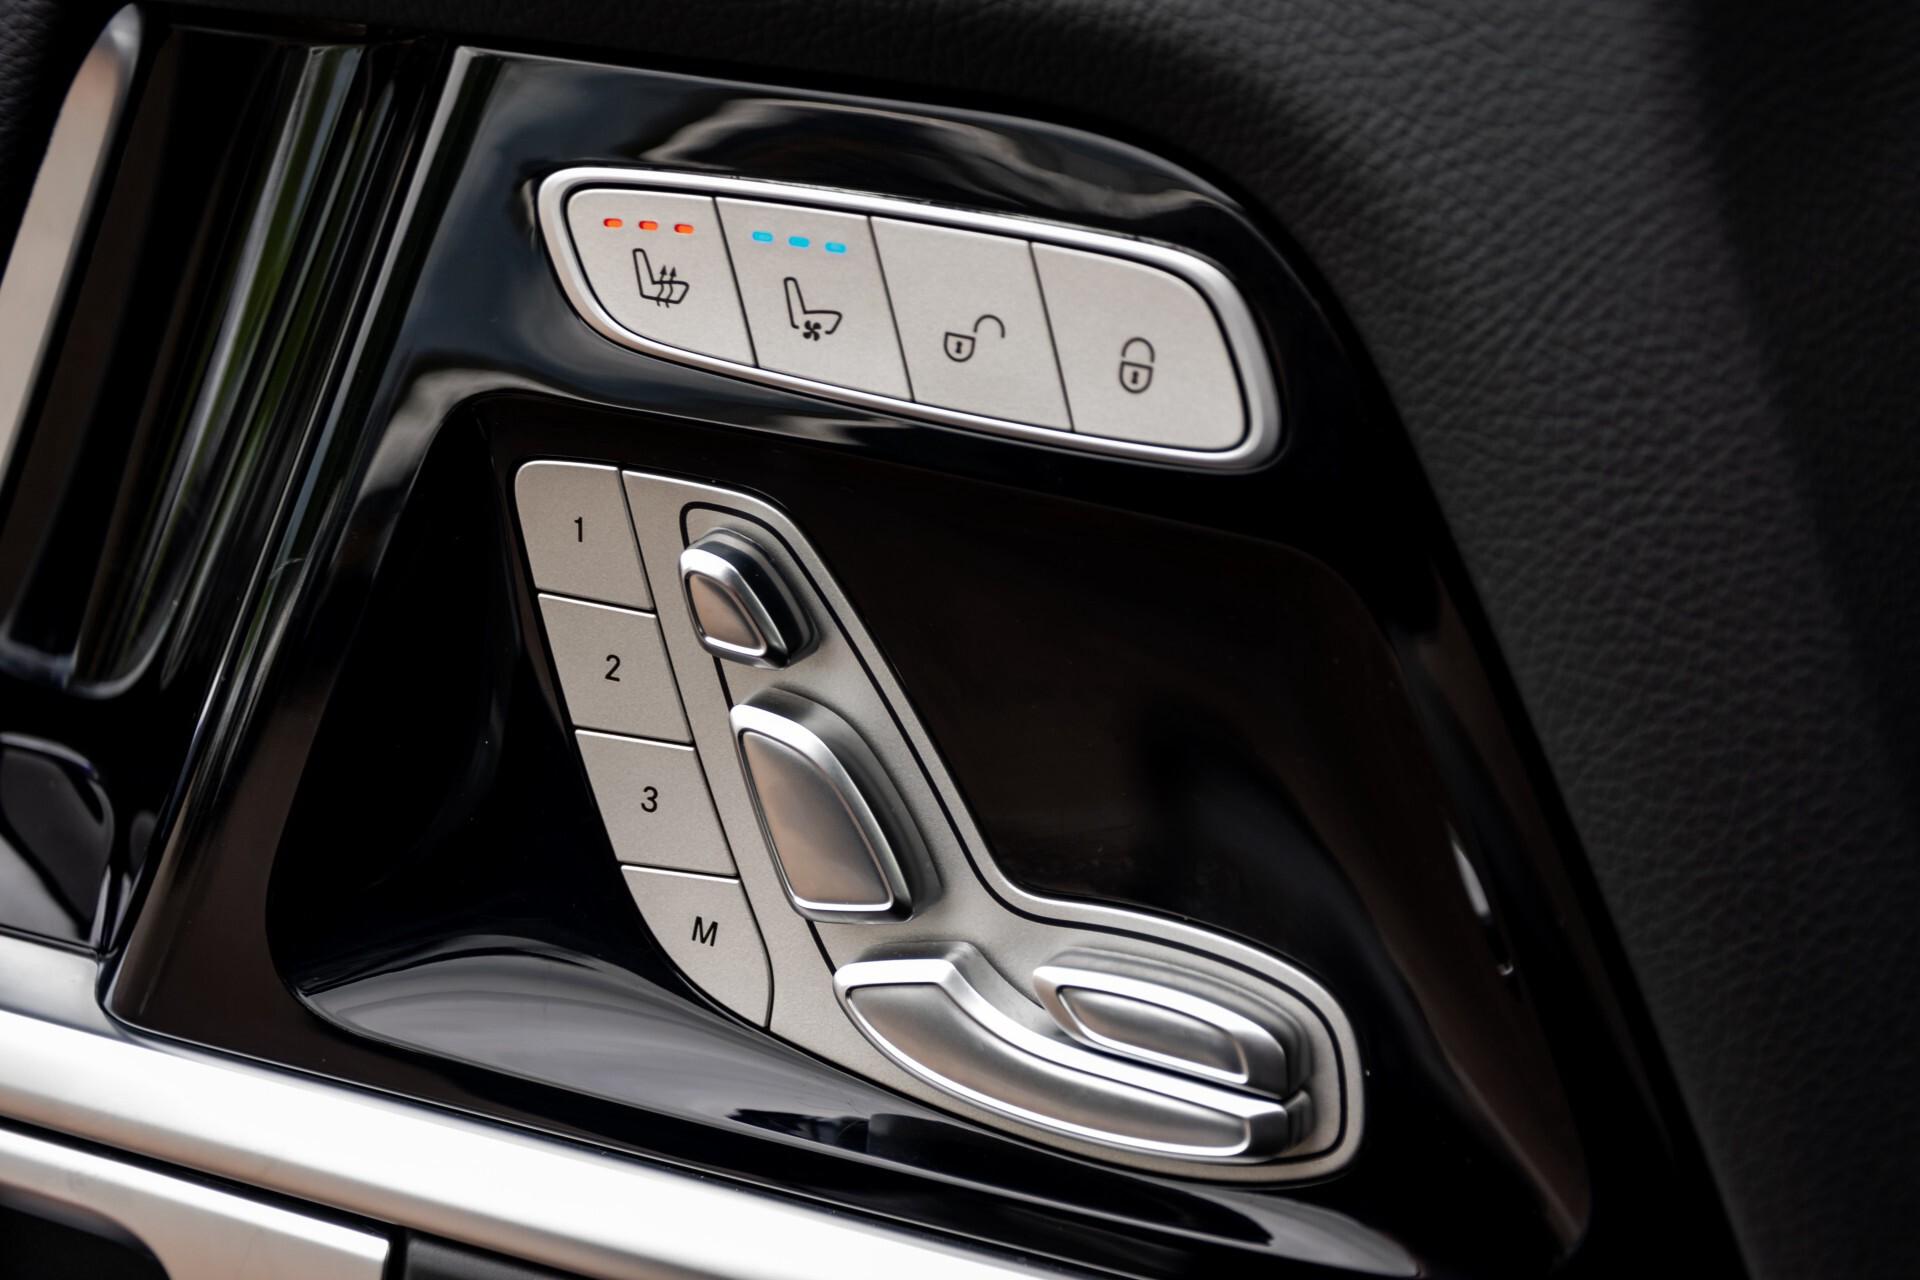 Mercedes-Benz G-Klasse 500 AMG Massage/Entertainment/Manufaktur/Standkachel/Distronic/RVS Aut9 Foto 23